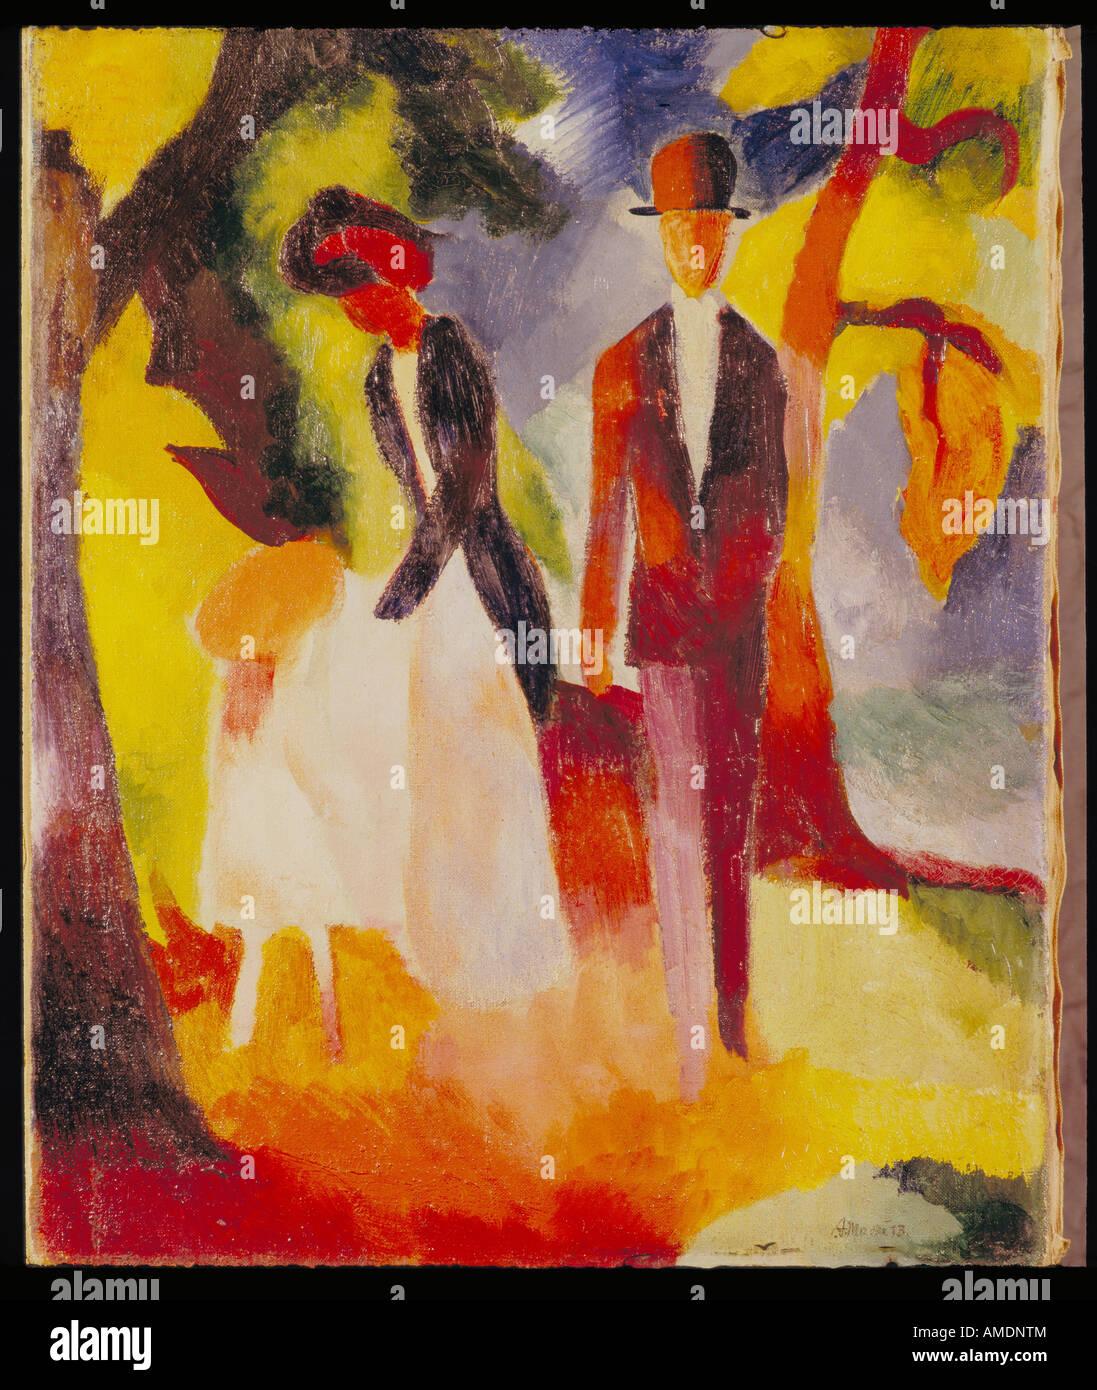 """Beaux-arts, Macke, August, (3.1.1887 - 26.9.1914), peinture, 'Leute am blauen See', 'Les Gens au lac bleu"""", 1913, Banque D'Images"""